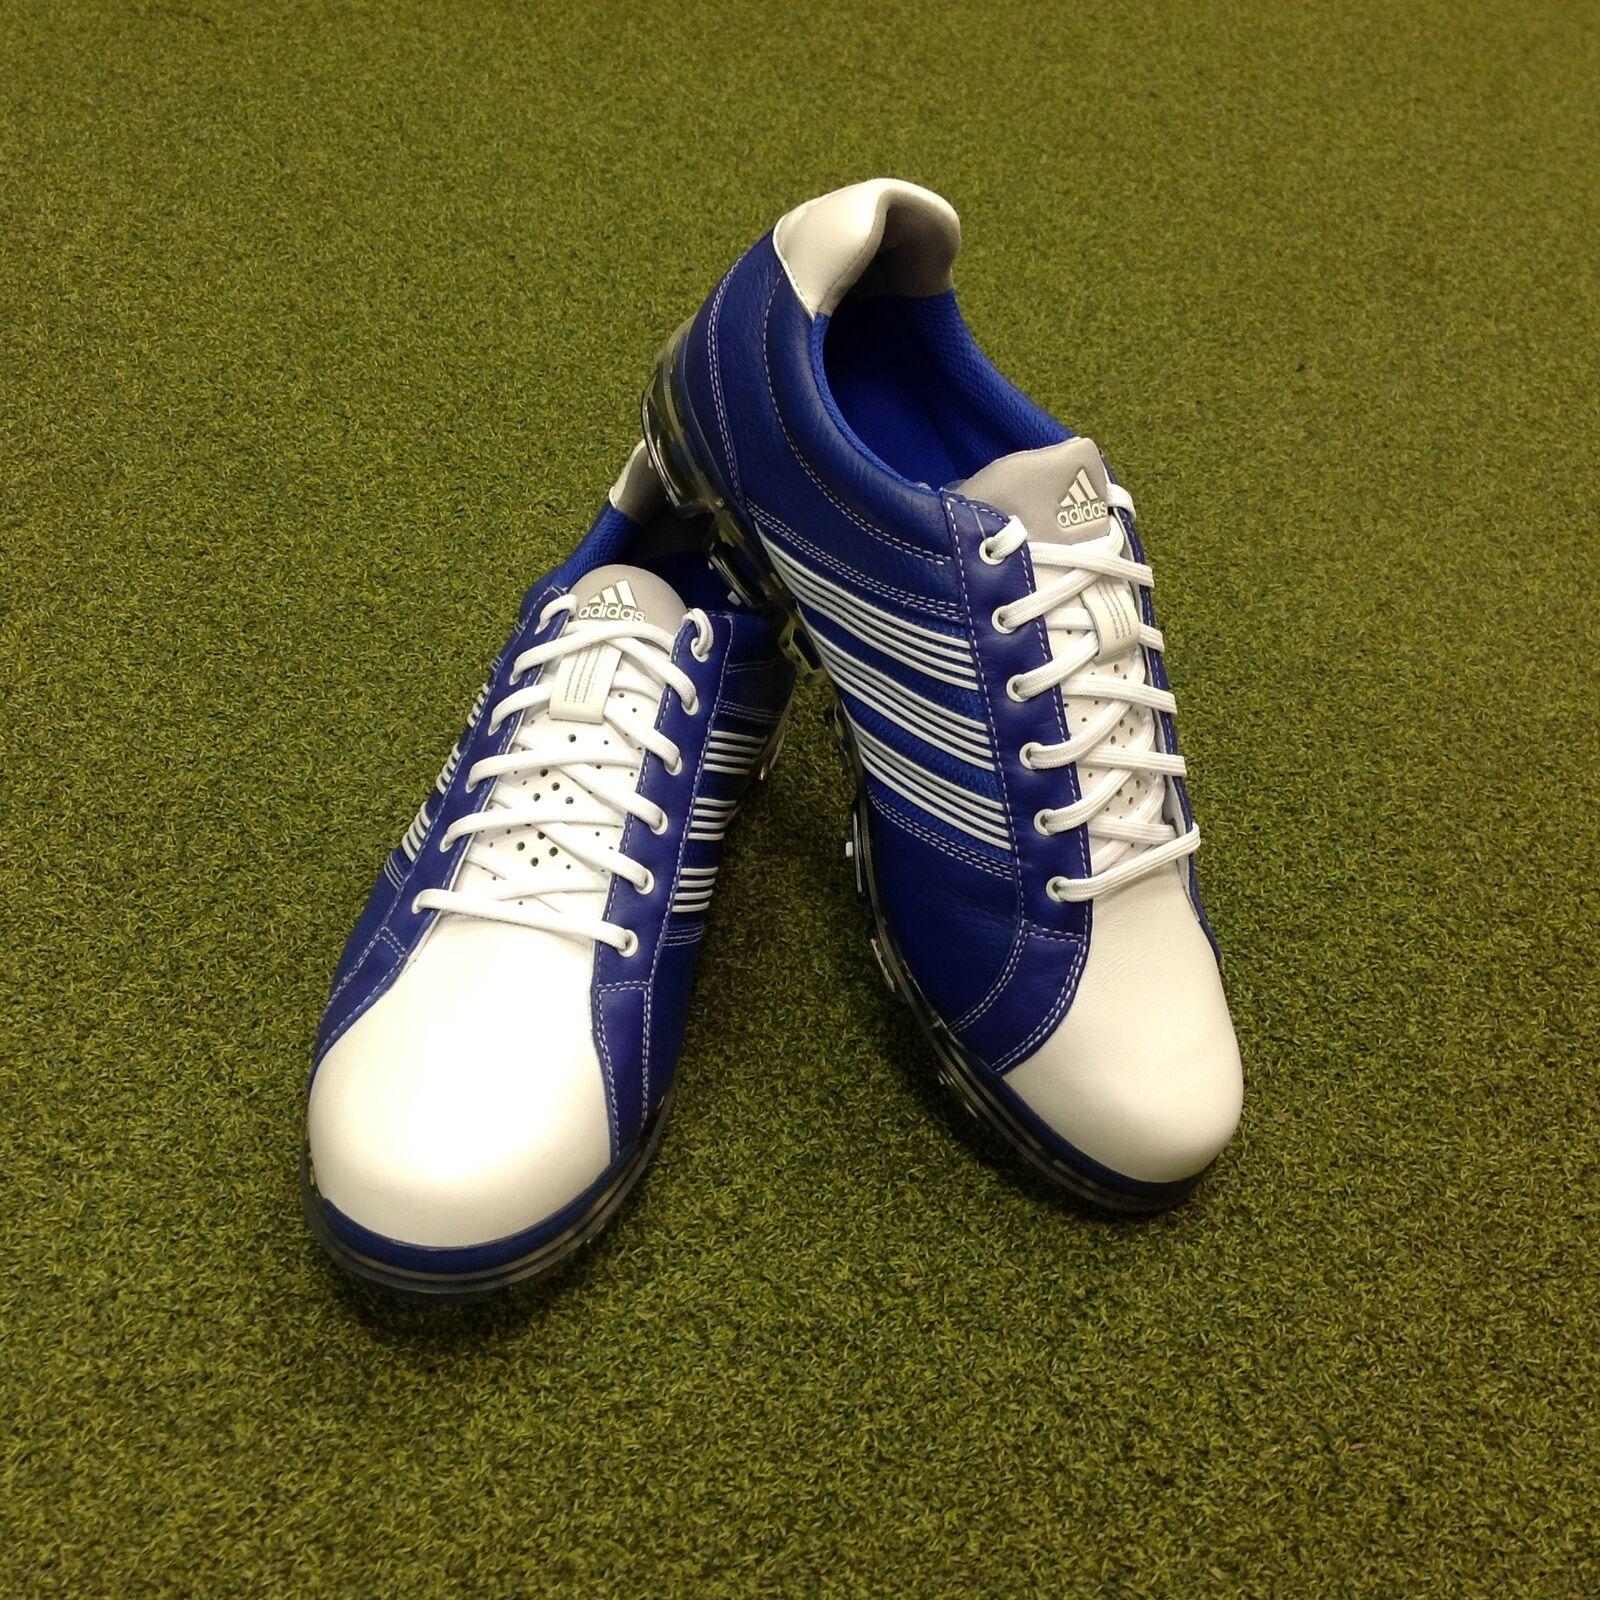 Nouveau Adidas US Adipure tour en cuir chaussures de golf-taille US Adidas 9-/3 6da8c1